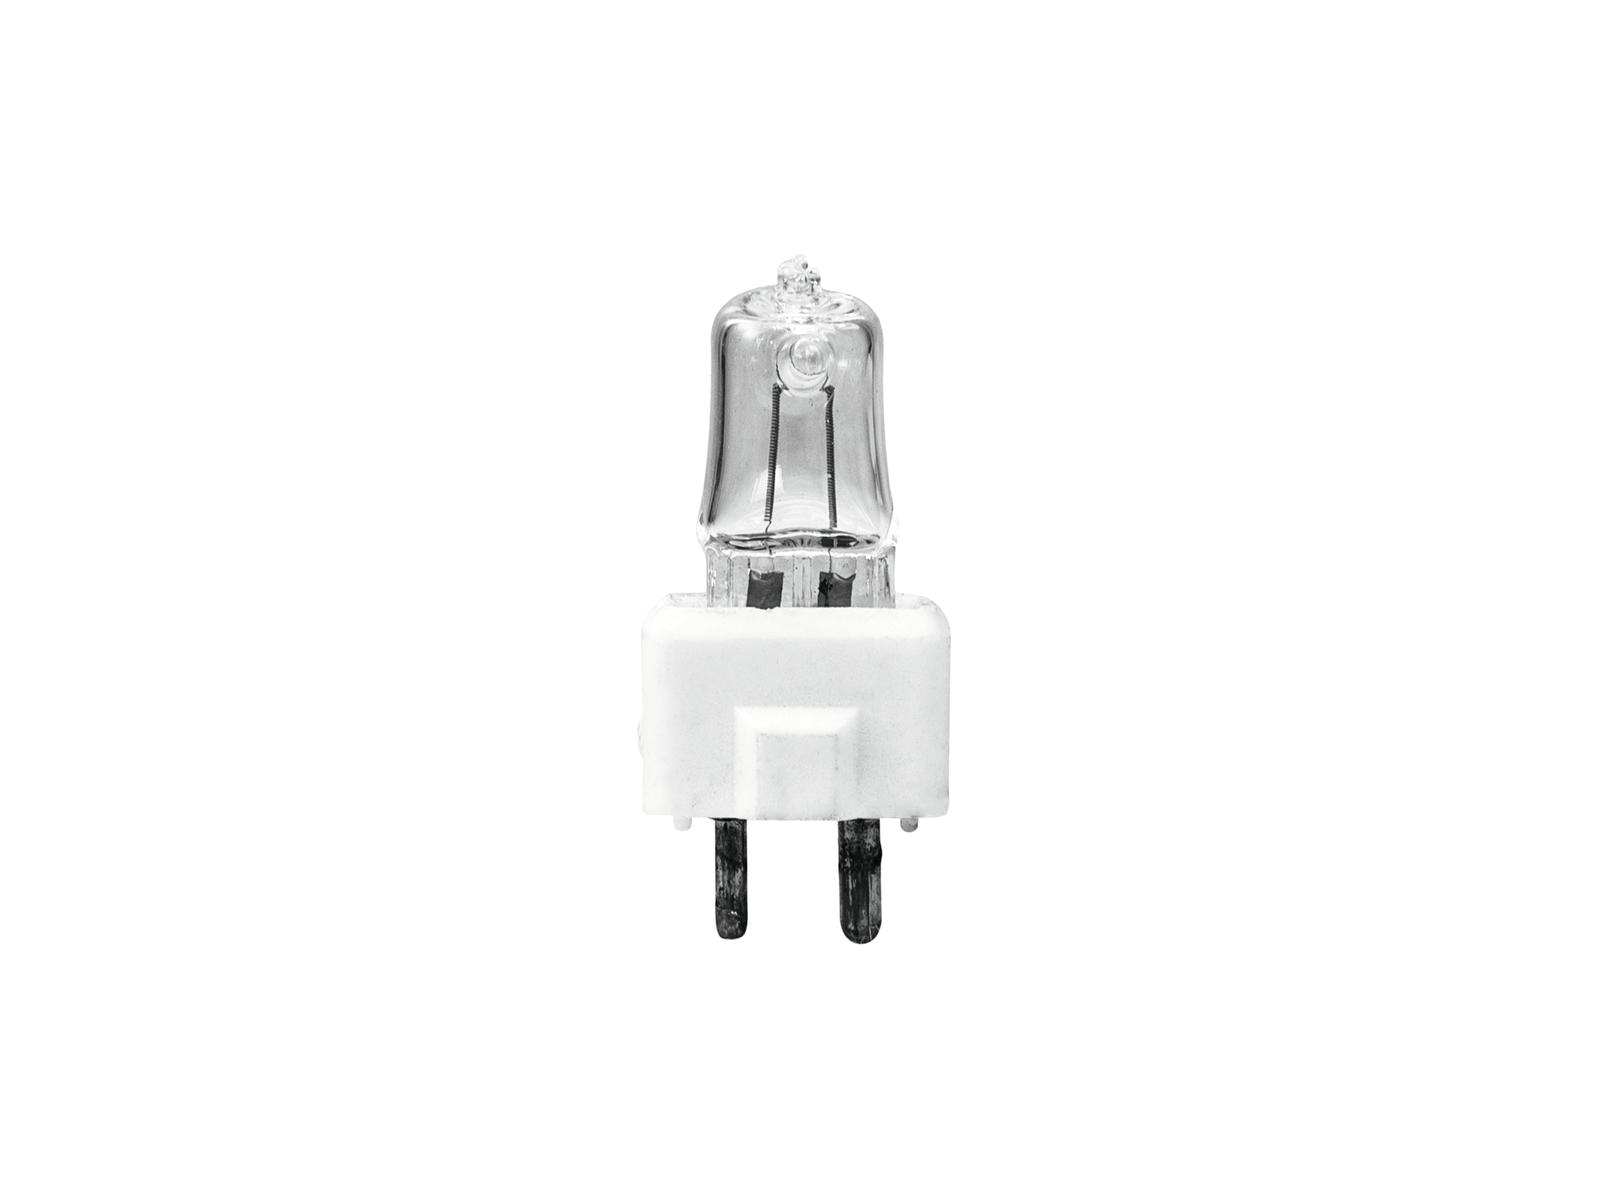 Lampada OMNILUX 230V/500W GY-9.5 2000h 2900K